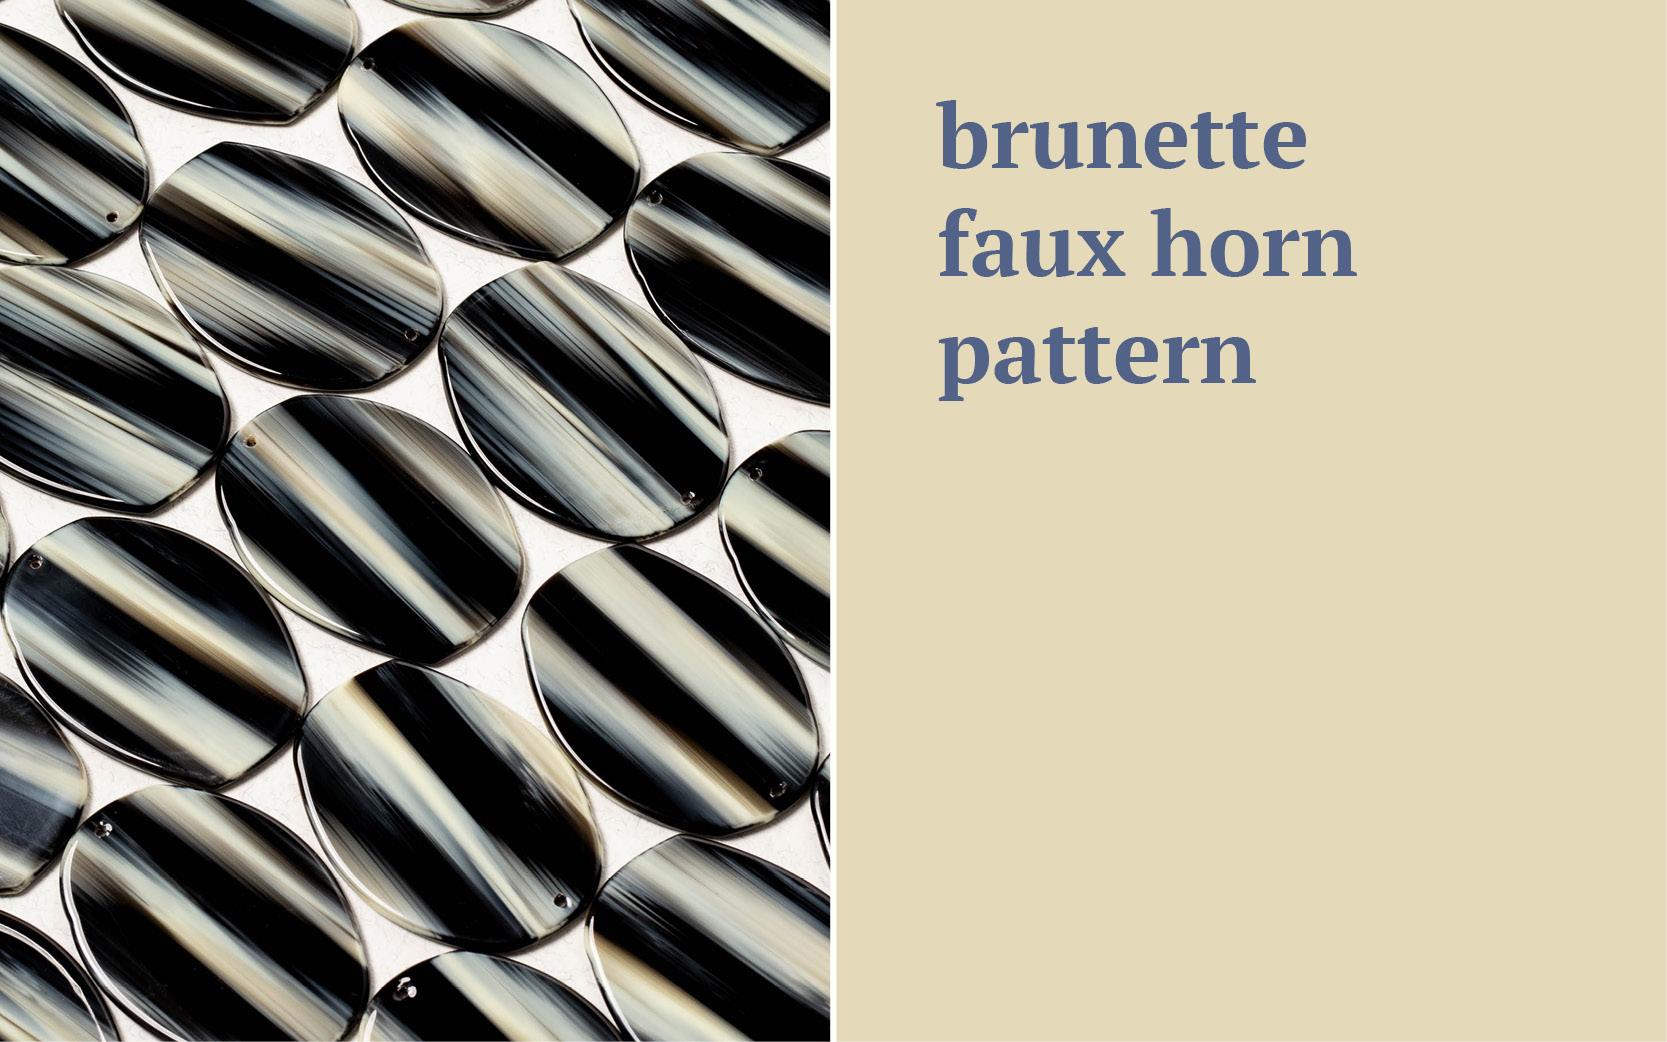 brunette-faux-horn-pattern.jpg